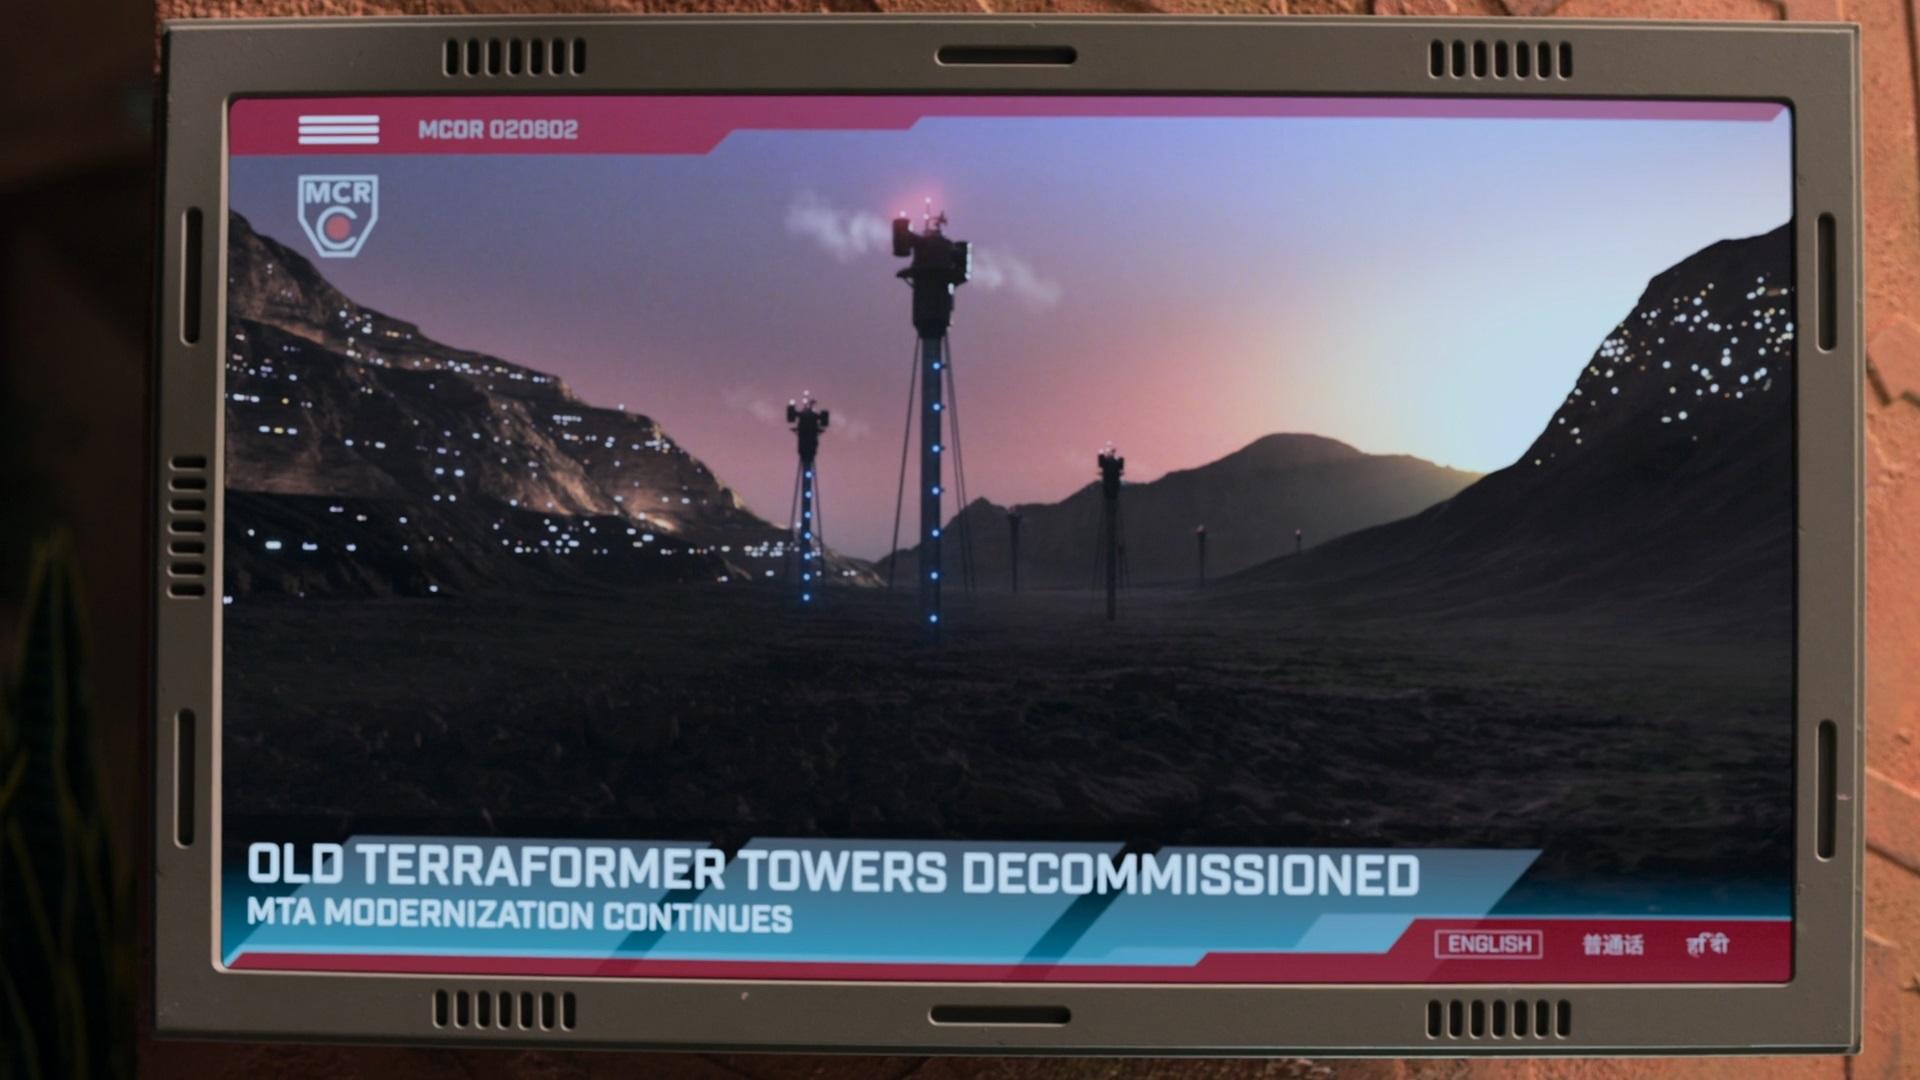 Mars Terraforming Project